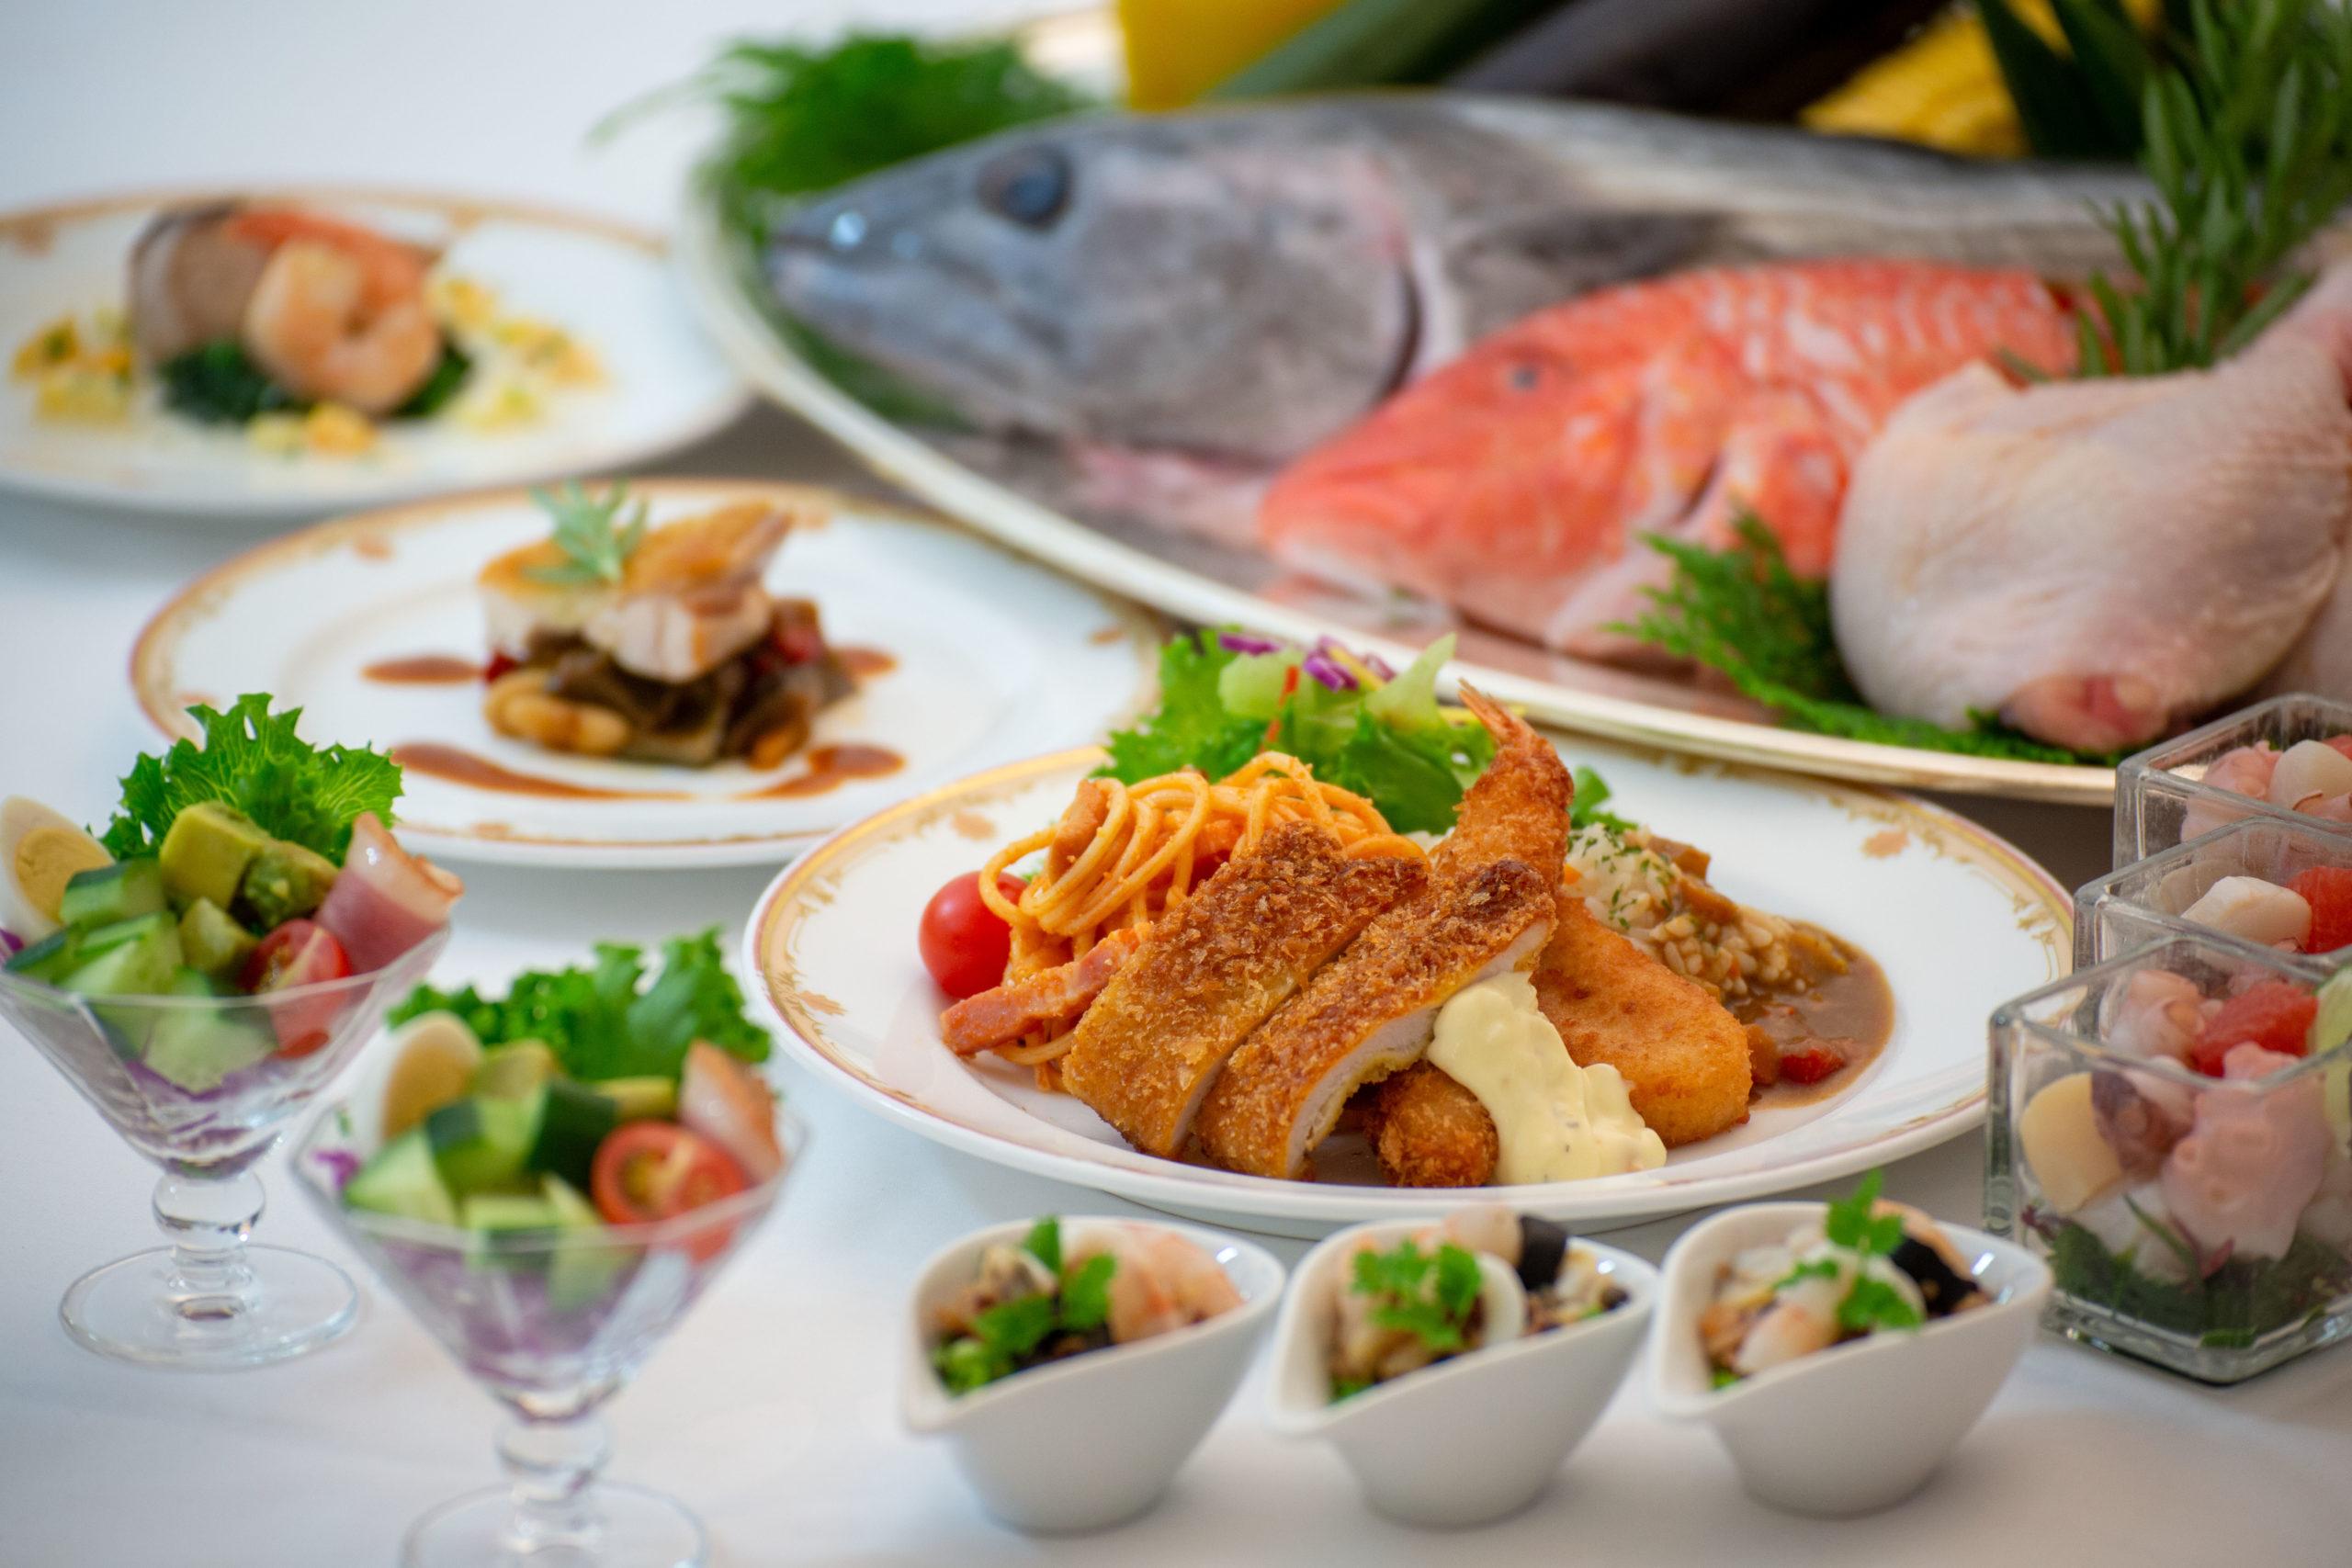 長崎で祝う記念日に! ホテルや料亭で楽しむ贅沢グルメ